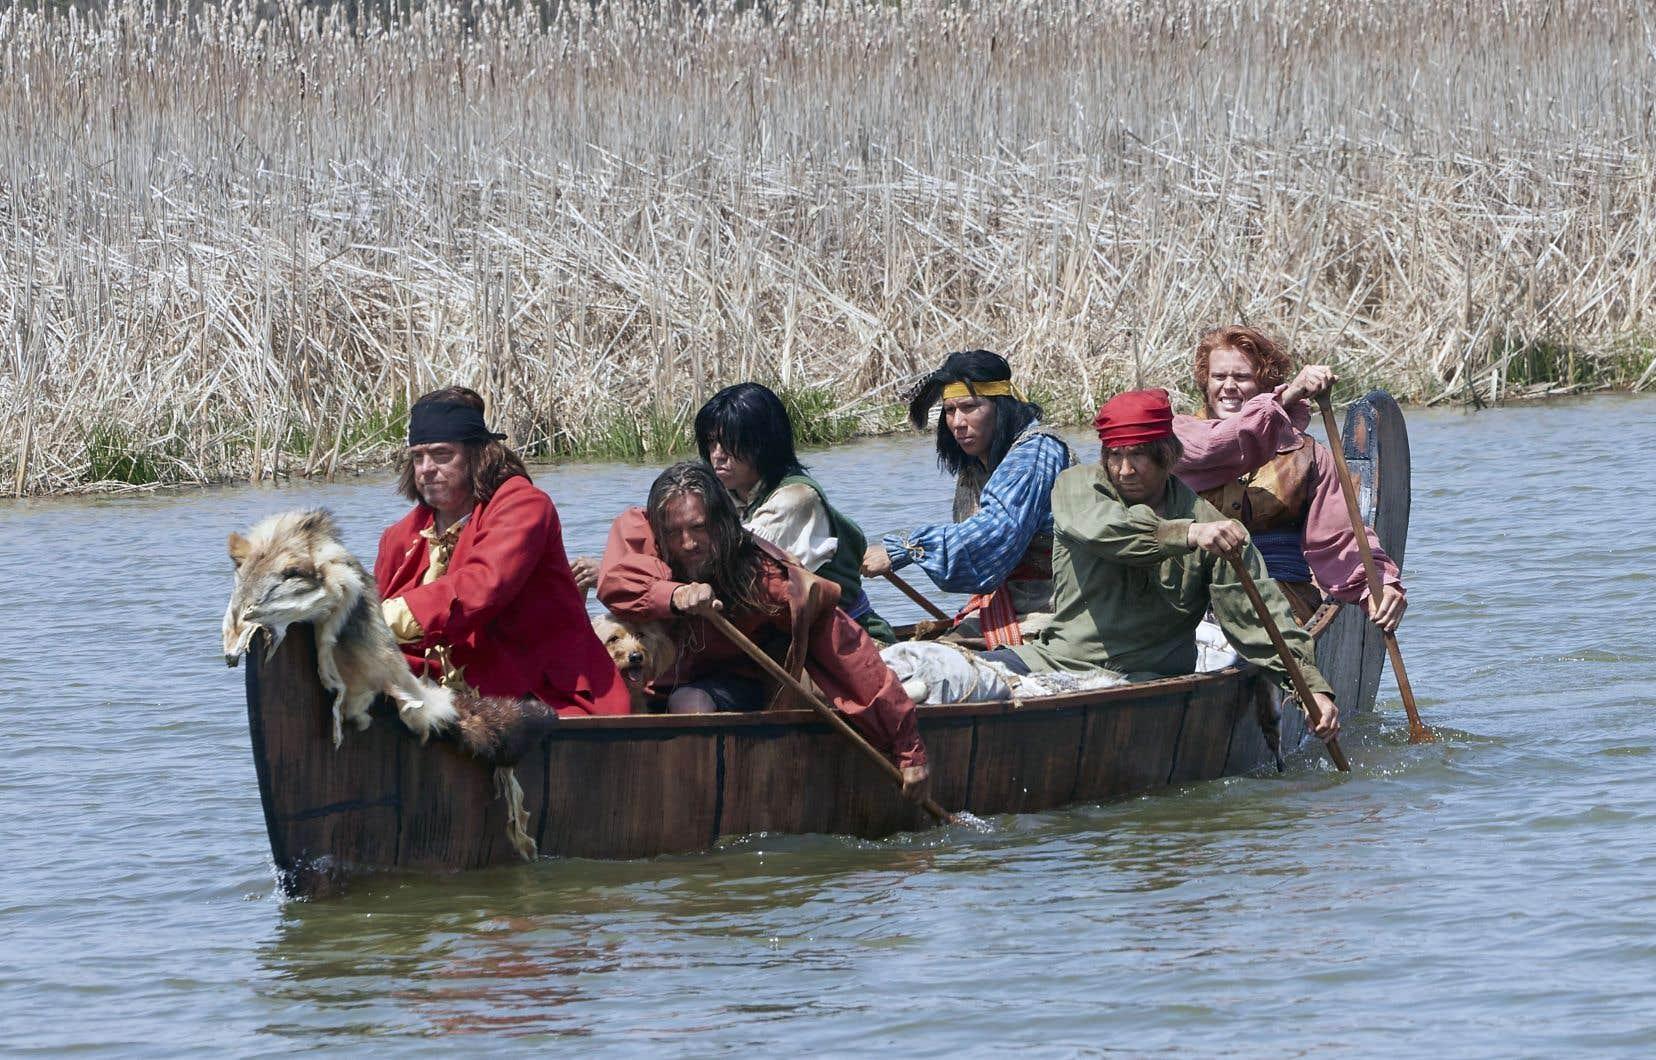 La série «The Story of Us», diffusée à la CBC au printemps dernier, fut critiquée par plusieurs chercheurs et intervenants pour sa sous-représentation des francophones et des autochtones dans l'histoire du Canada.